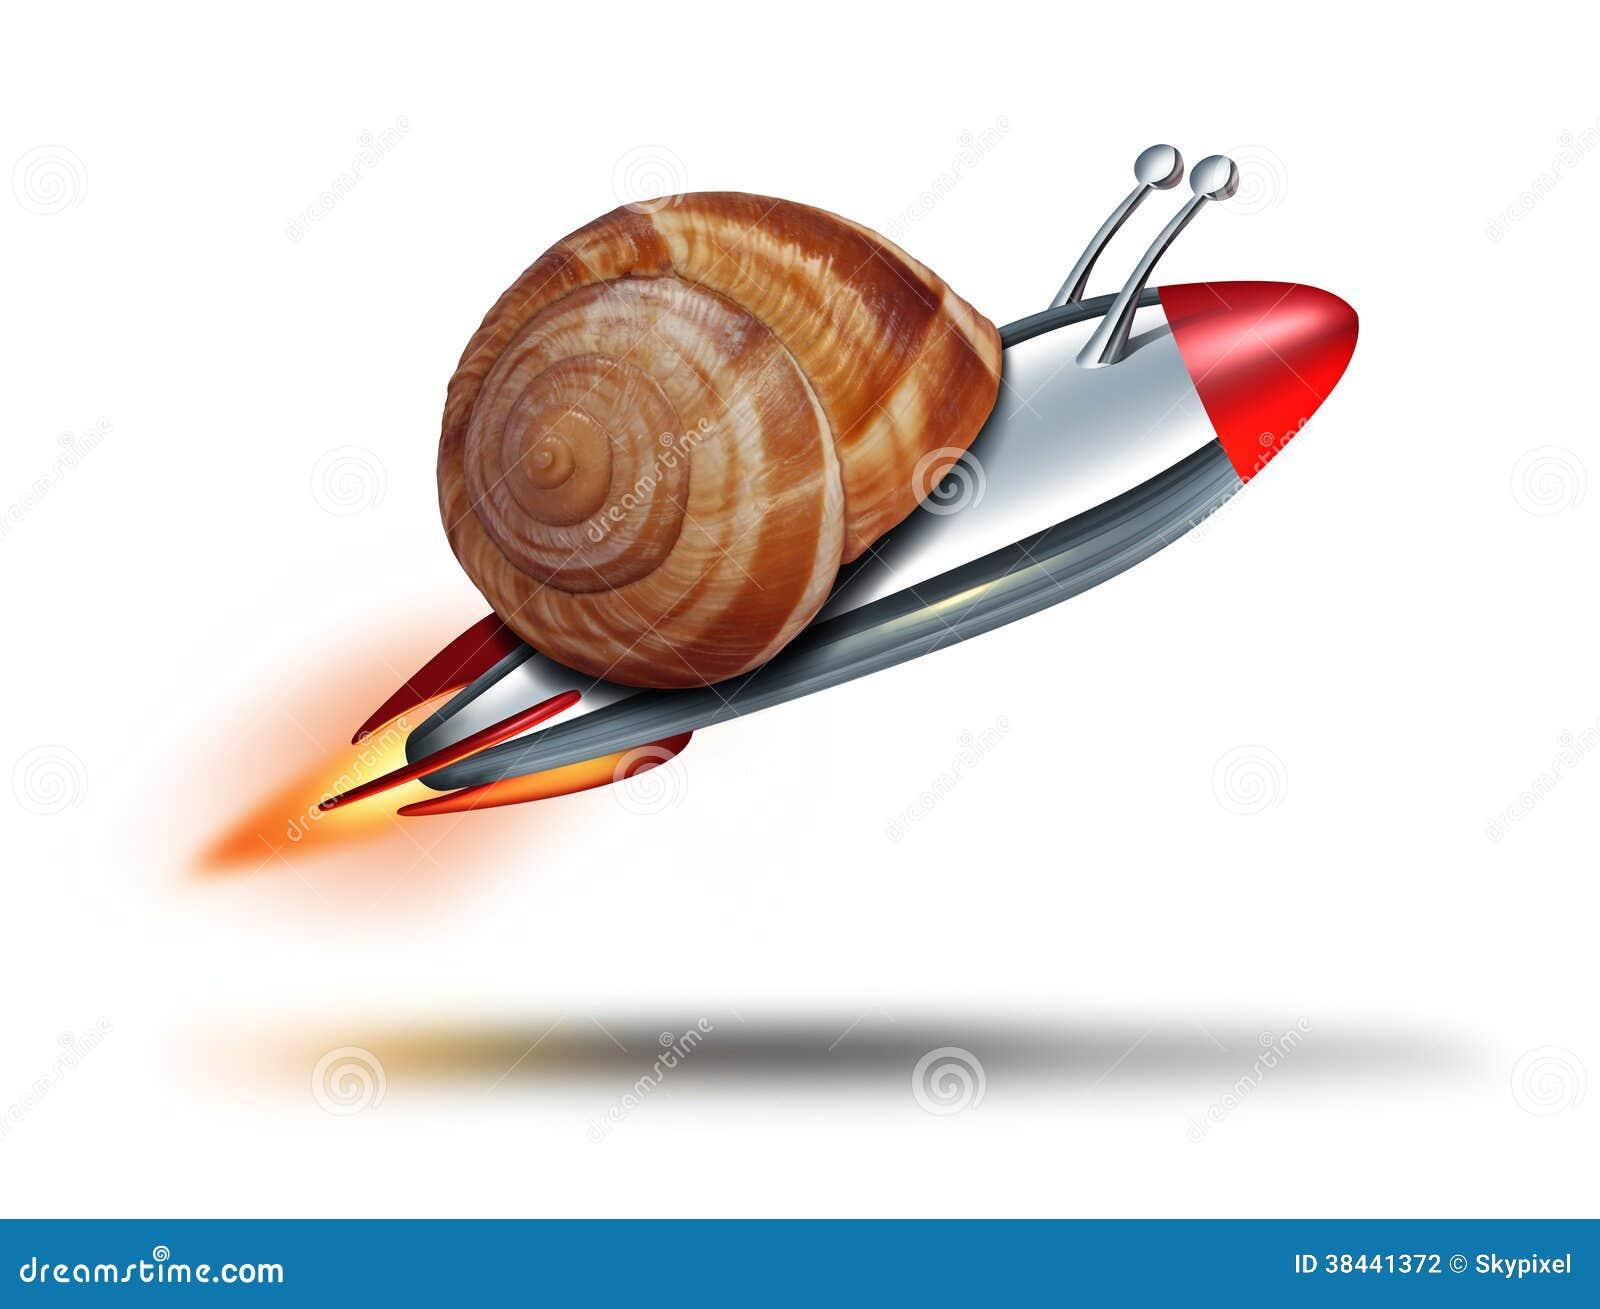 fast snail stock illustration image of evolve quick 38441372. Black Bedroom Furniture Sets. Home Design Ideas